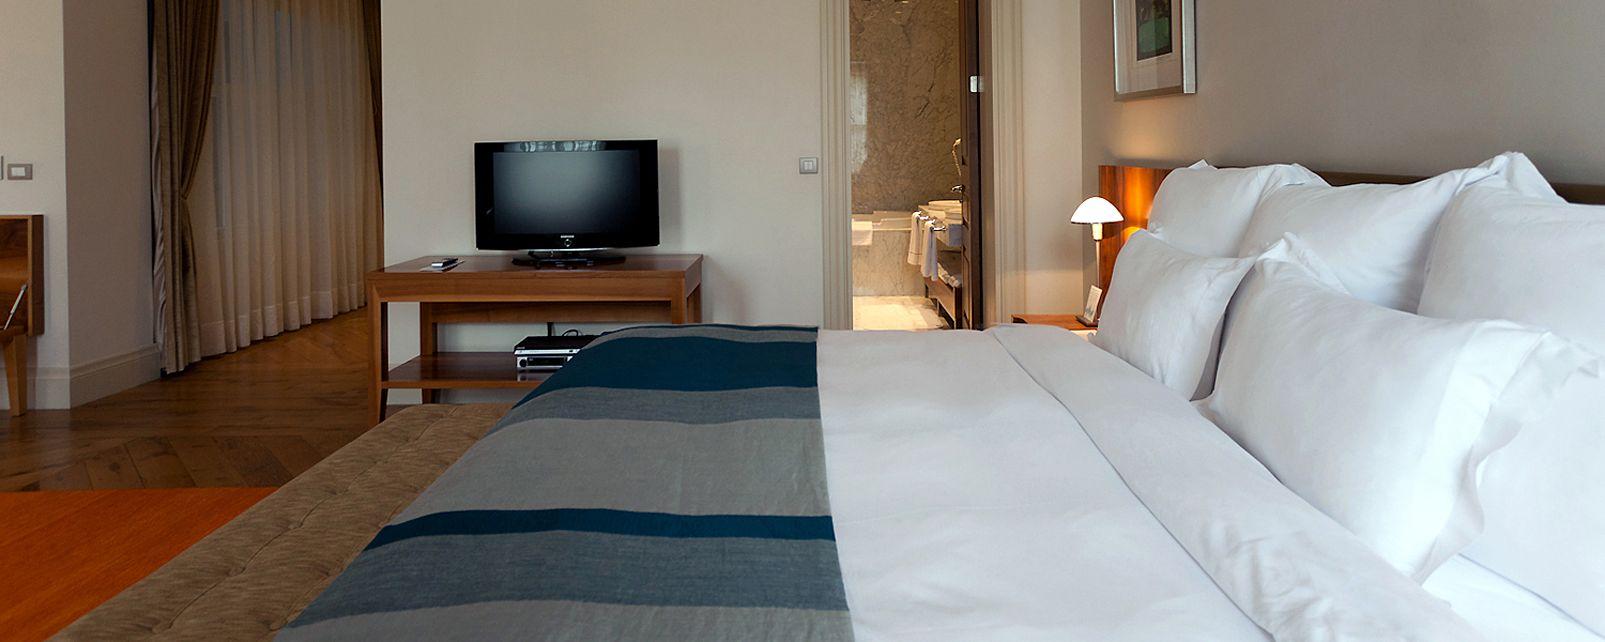 Hôtel TomTom Suites